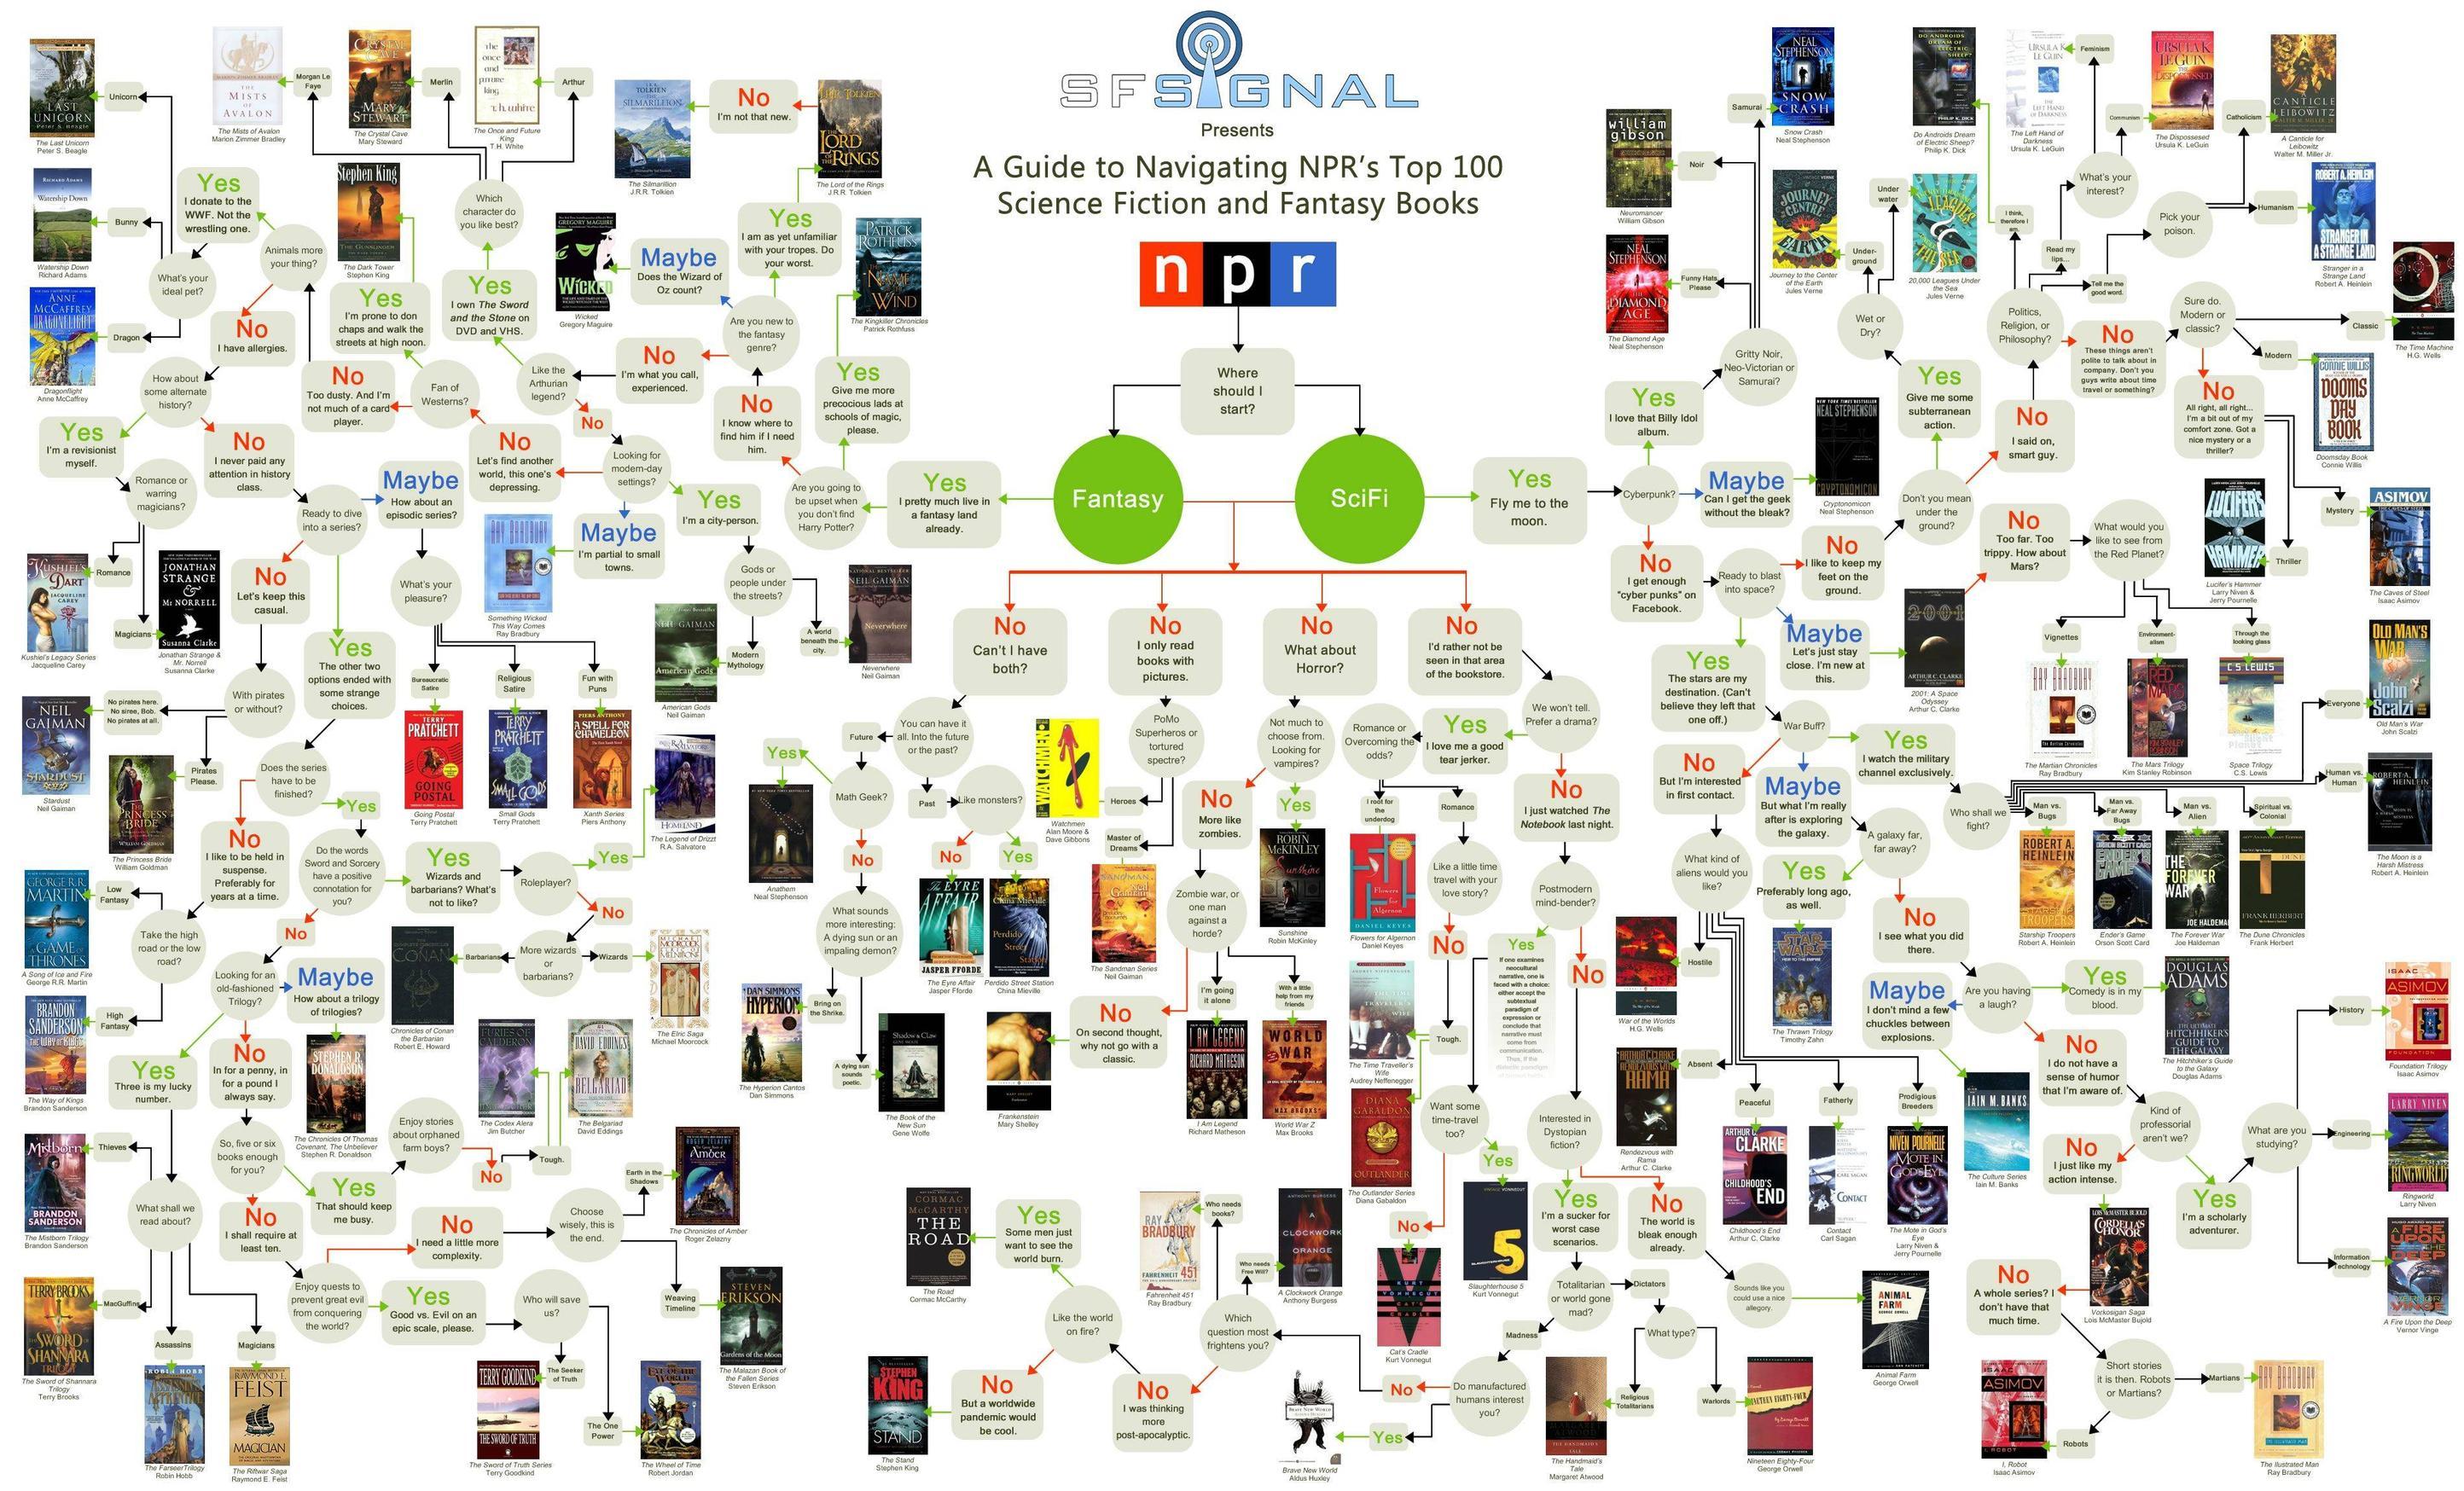 Quel livre de SF ou de fantasy devrais-je lire ?